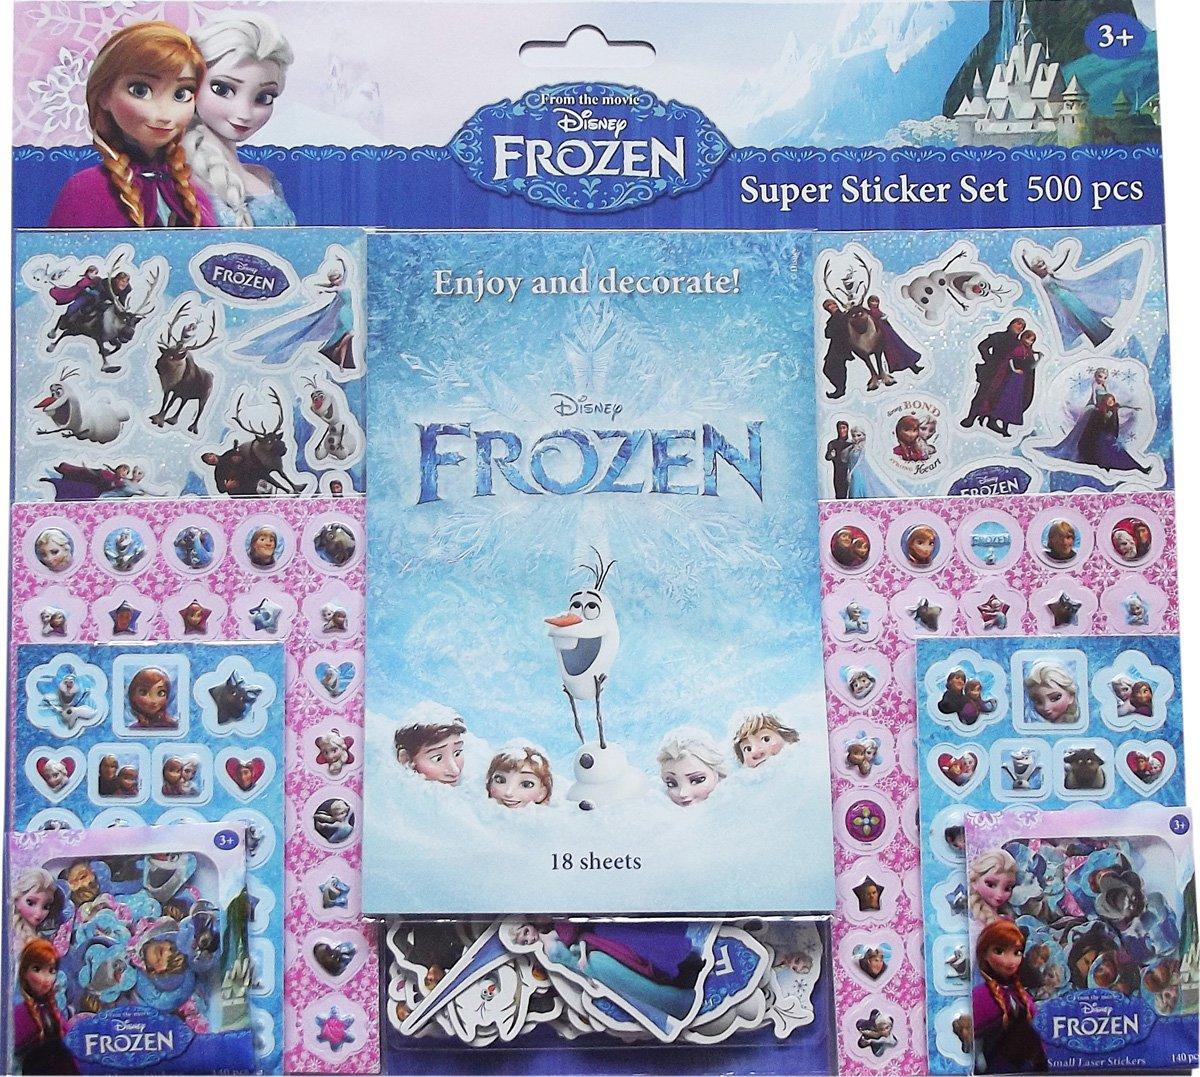 Unbekannt Jiri Models 0654-9 - Set Pegatinas Frozen (500 Unidades) Vv.Aa. Todolibro Y YB